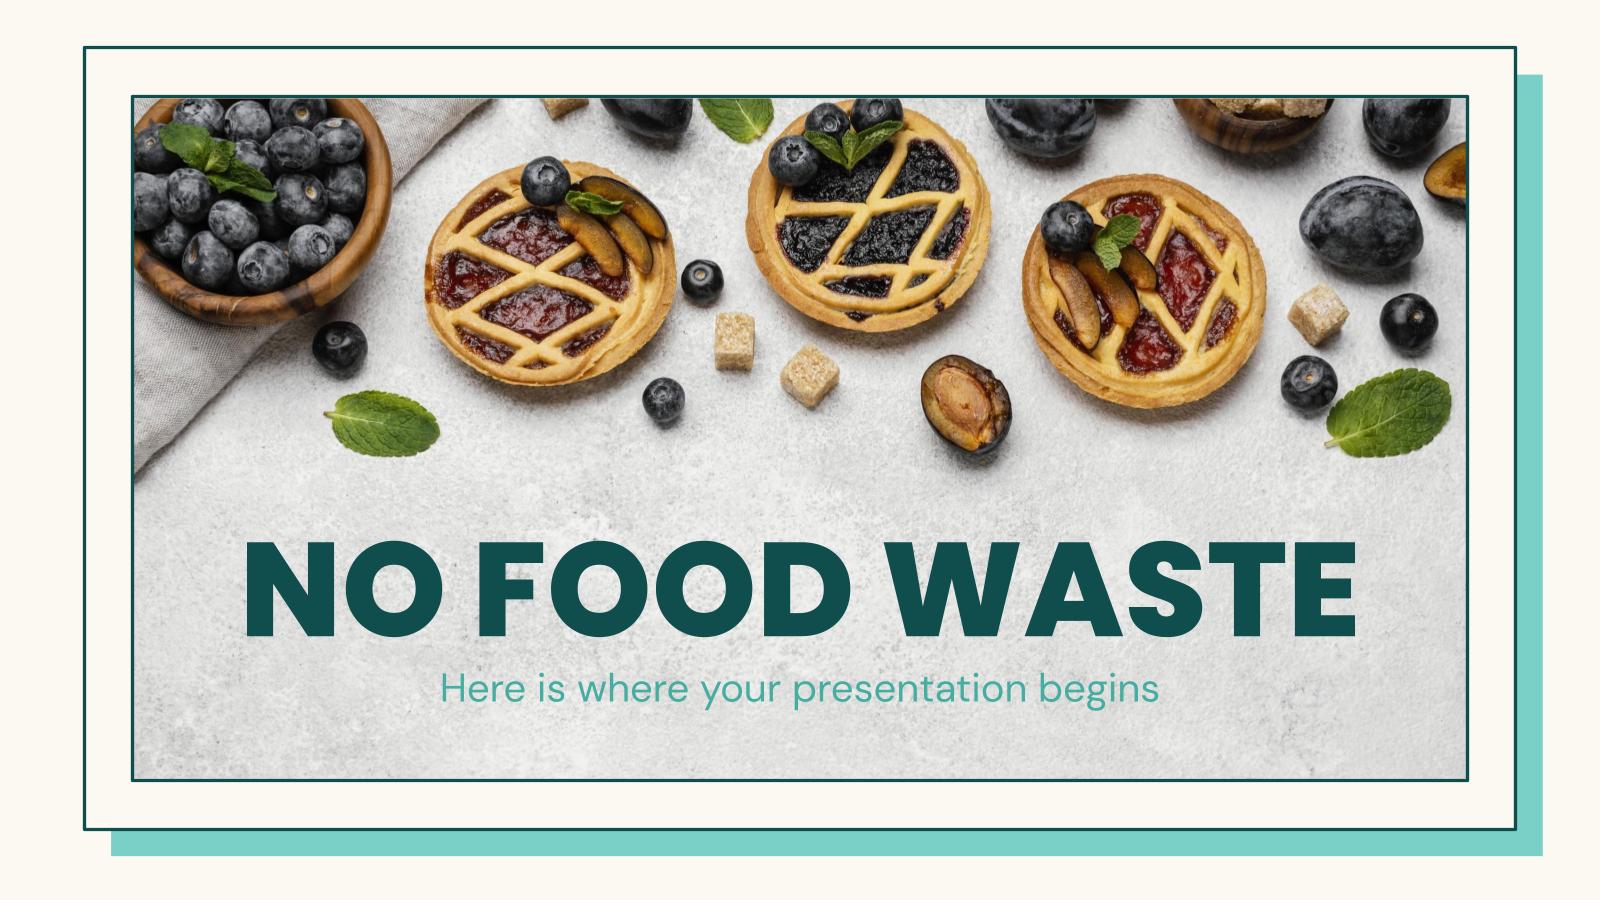 Plantilla de presentación Pitch deck contra el desperdicio de comida